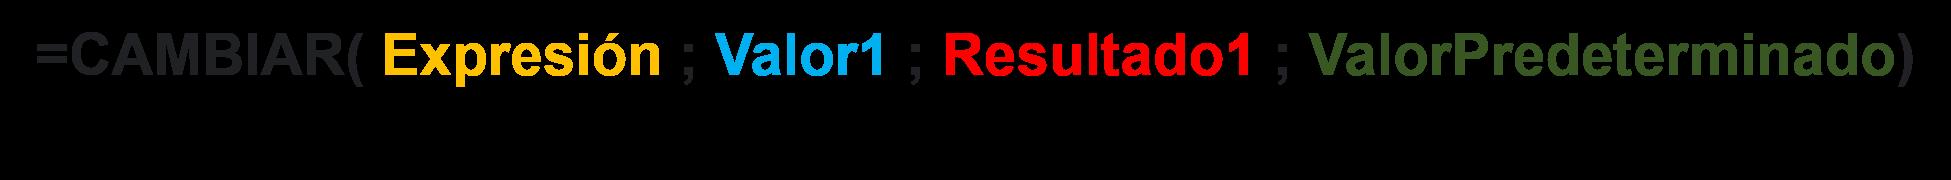 sintaxis funcion cambiar excel - Como Utilizar la Función Cambiar en Excel 2019 o 365